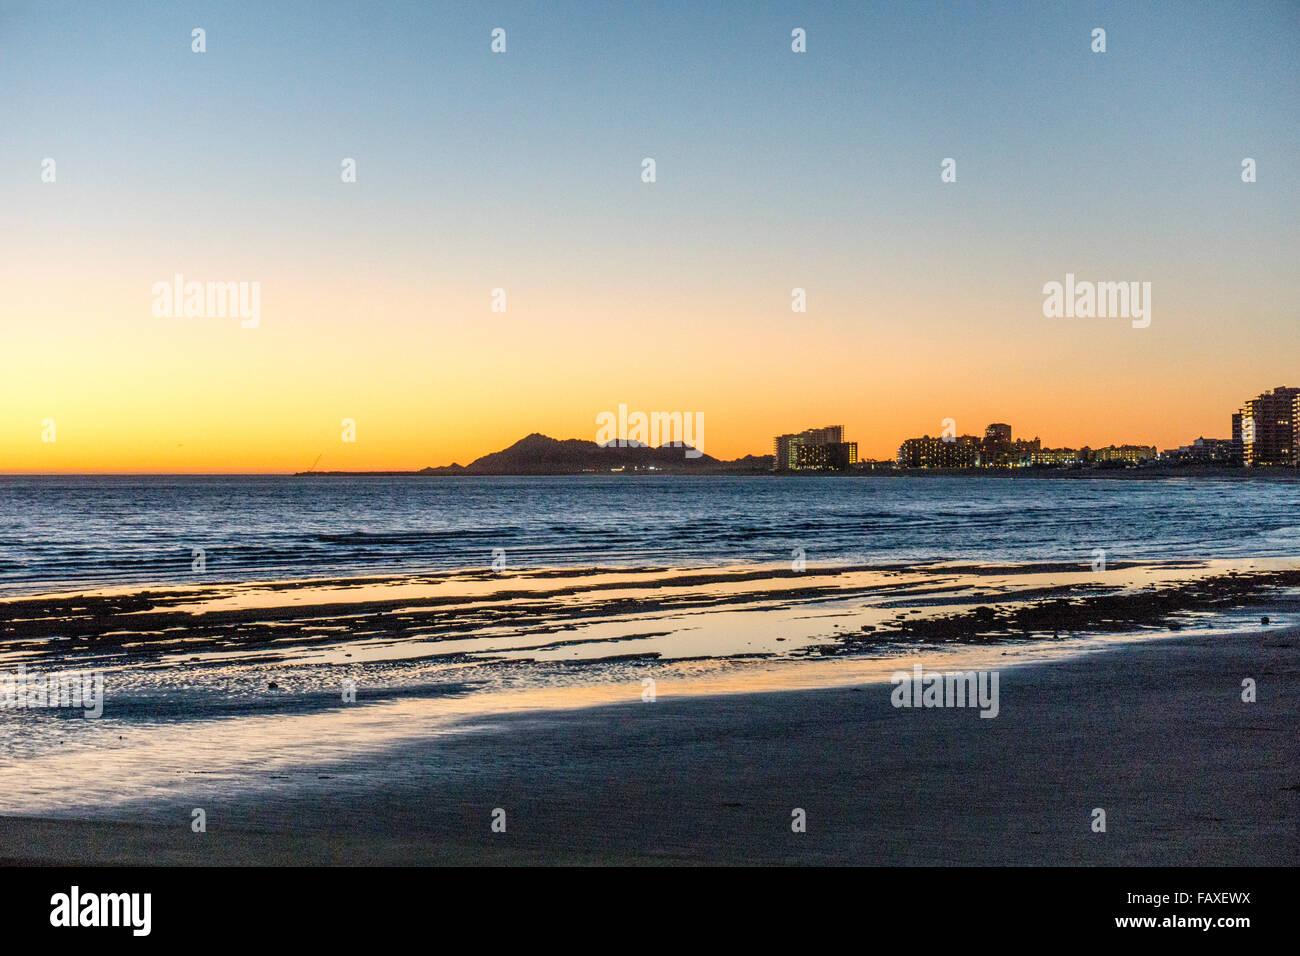 Puesta de sol sobre el mar de Cortez, visto desde Playa Bonita como retrocediendo marea revela su fondo pedregoso Imagen De Stock